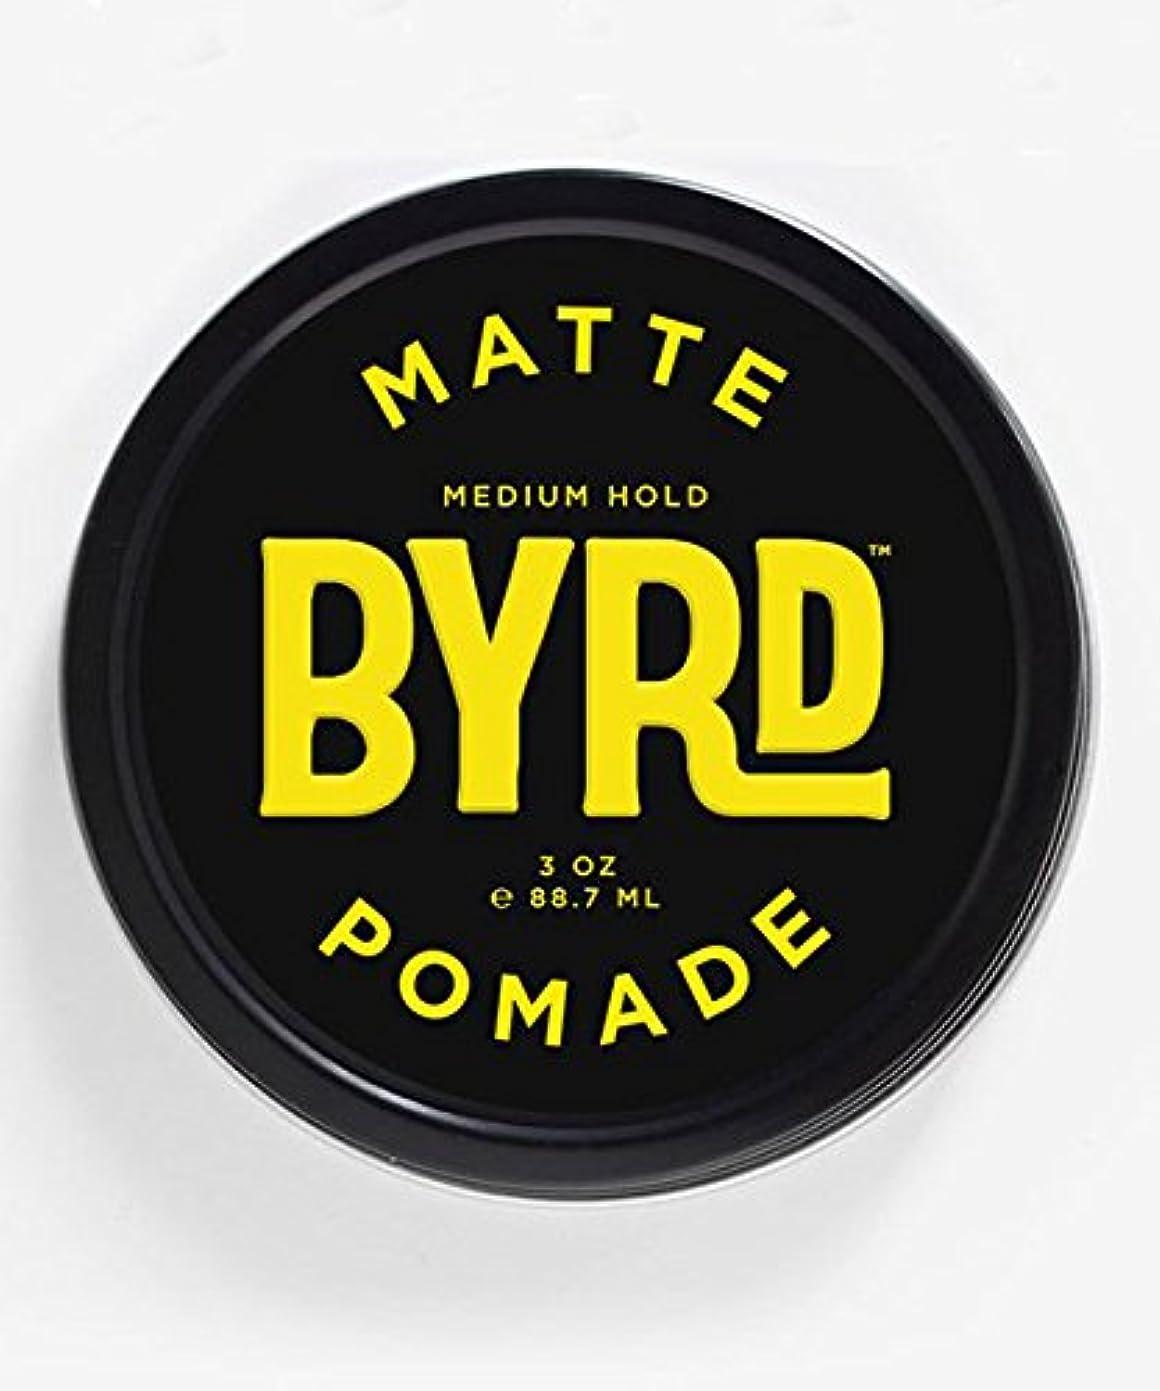 転用気晴らし再発するBYRD(バード) マットポマード 85g